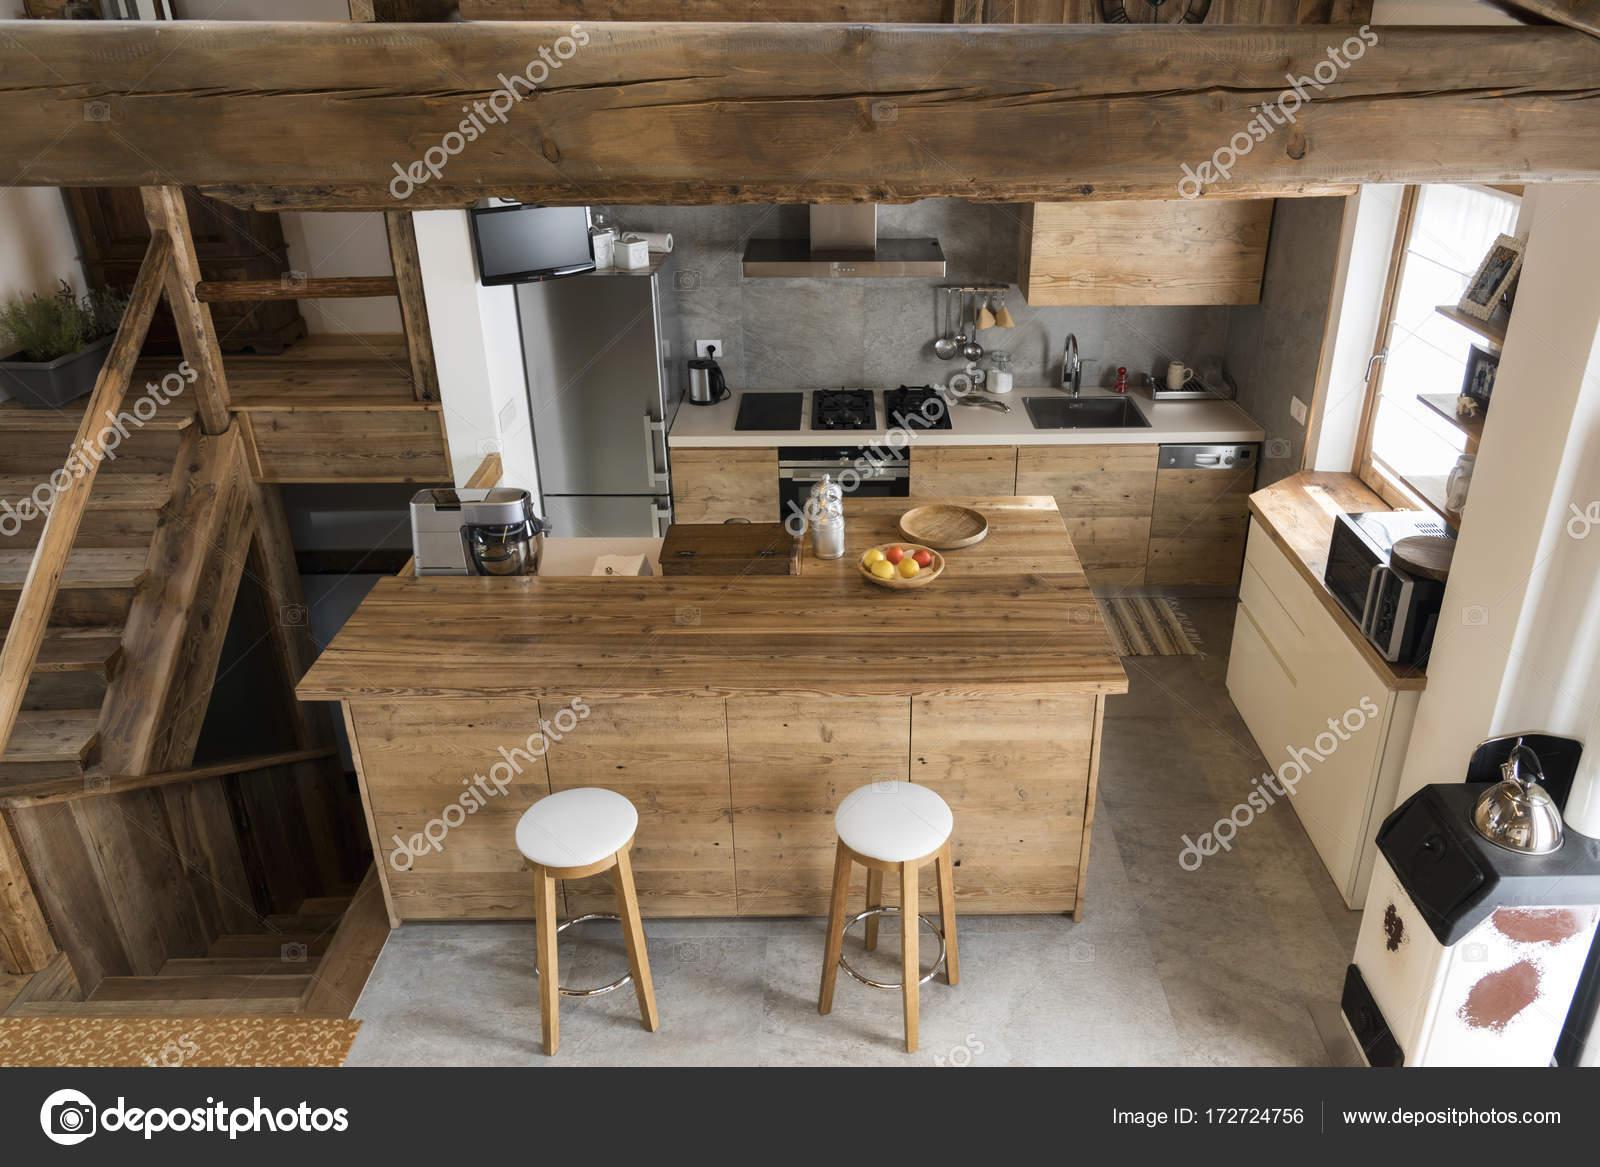 cocina de madera estilo cabaña — Fotos de Stock © ilfede #172724756